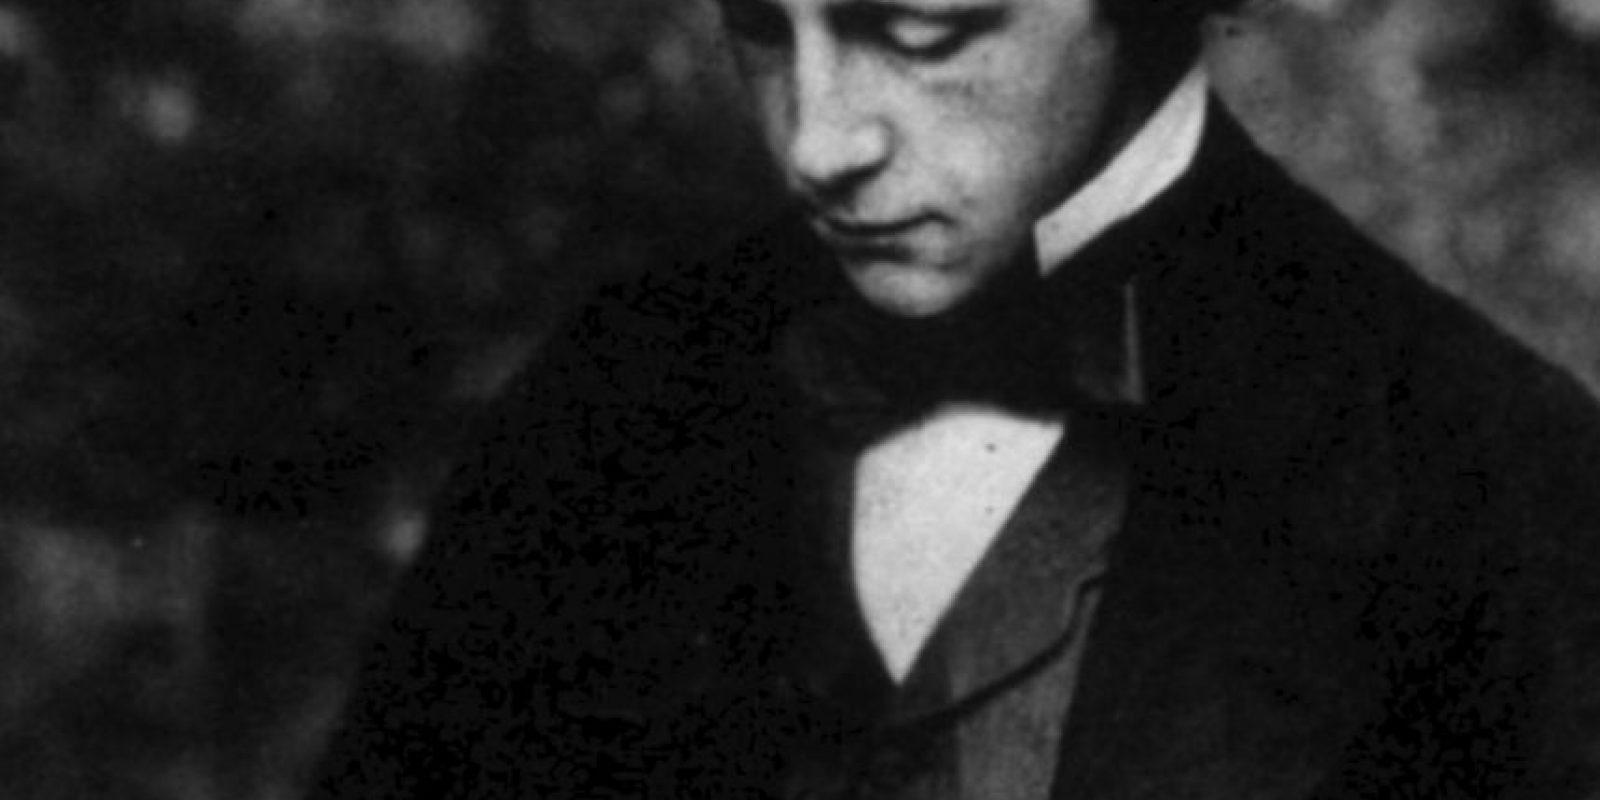 """Lewis Carroll: El creador de """"'Alicia en el País de las maravillas"""" era tímido y nunca se casó. Su musa fue la pequeña Alice Liddell y a un montón de niñas amigas suyas, a las que fotografió en poses que para los estándares de hoy serían bastante impropias para su edad. Foto:vía Getty Images"""